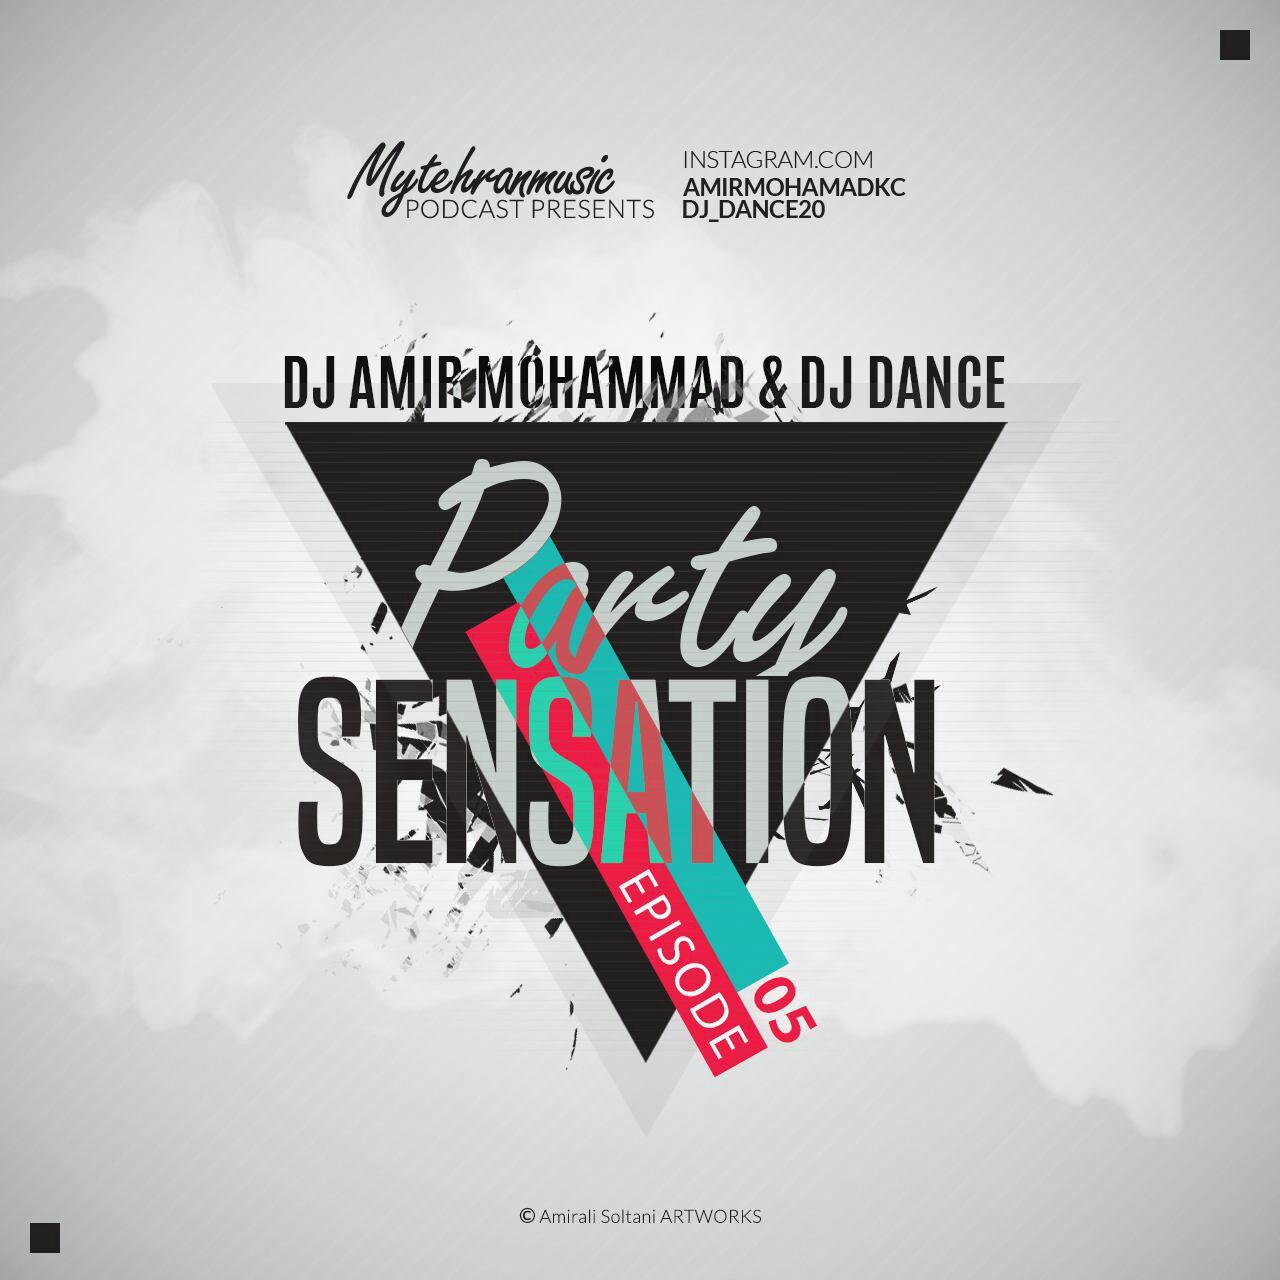 دانلود قسمت پنجمن از برنامه Party Sensation